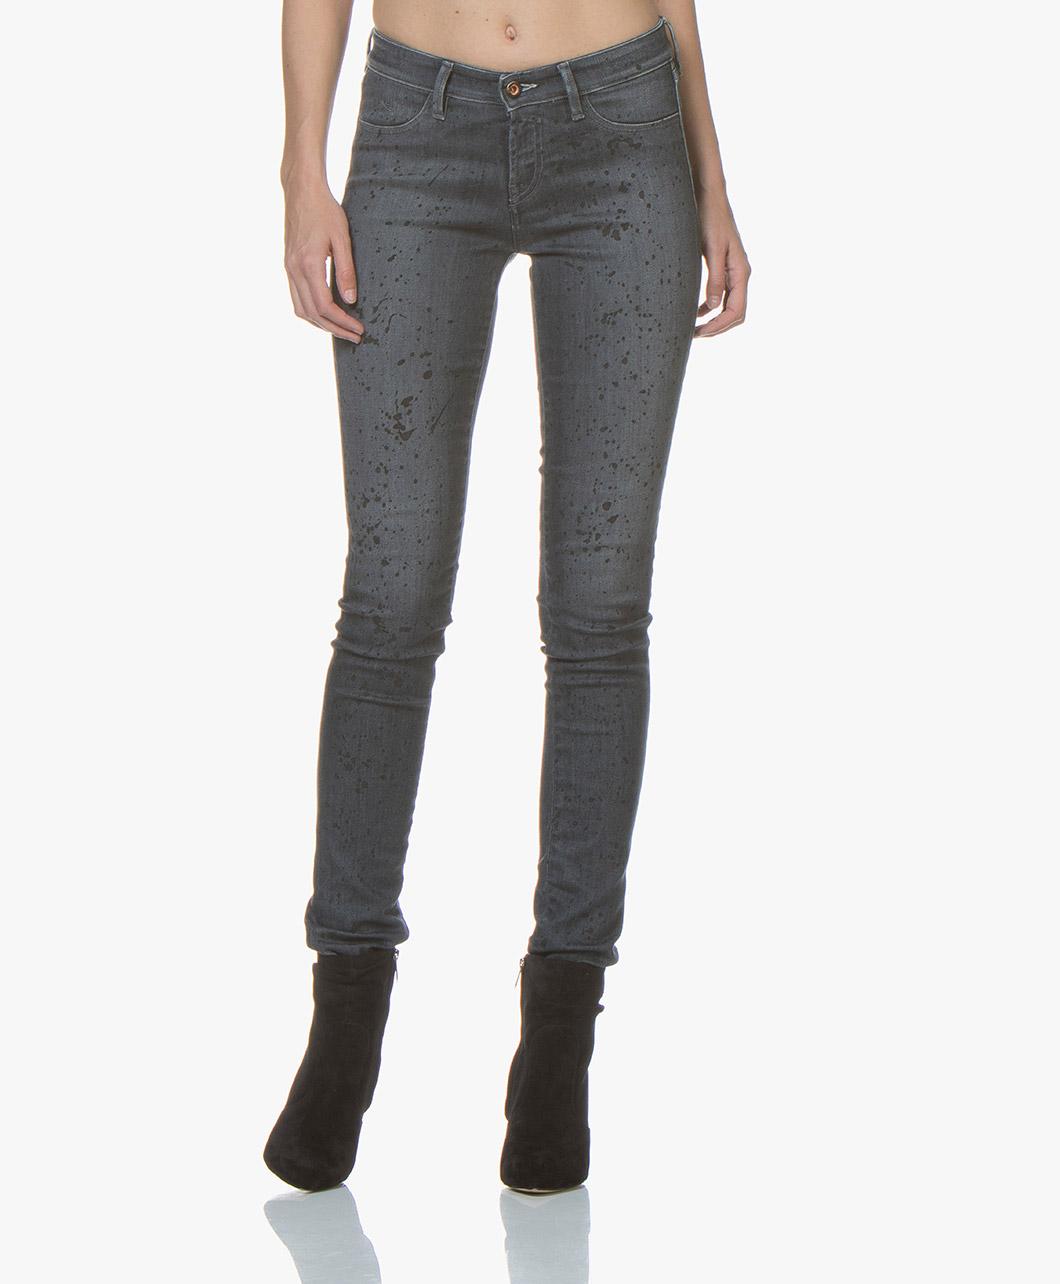 Afbeelding van Denham Jeans Spray Skinny in Grijs